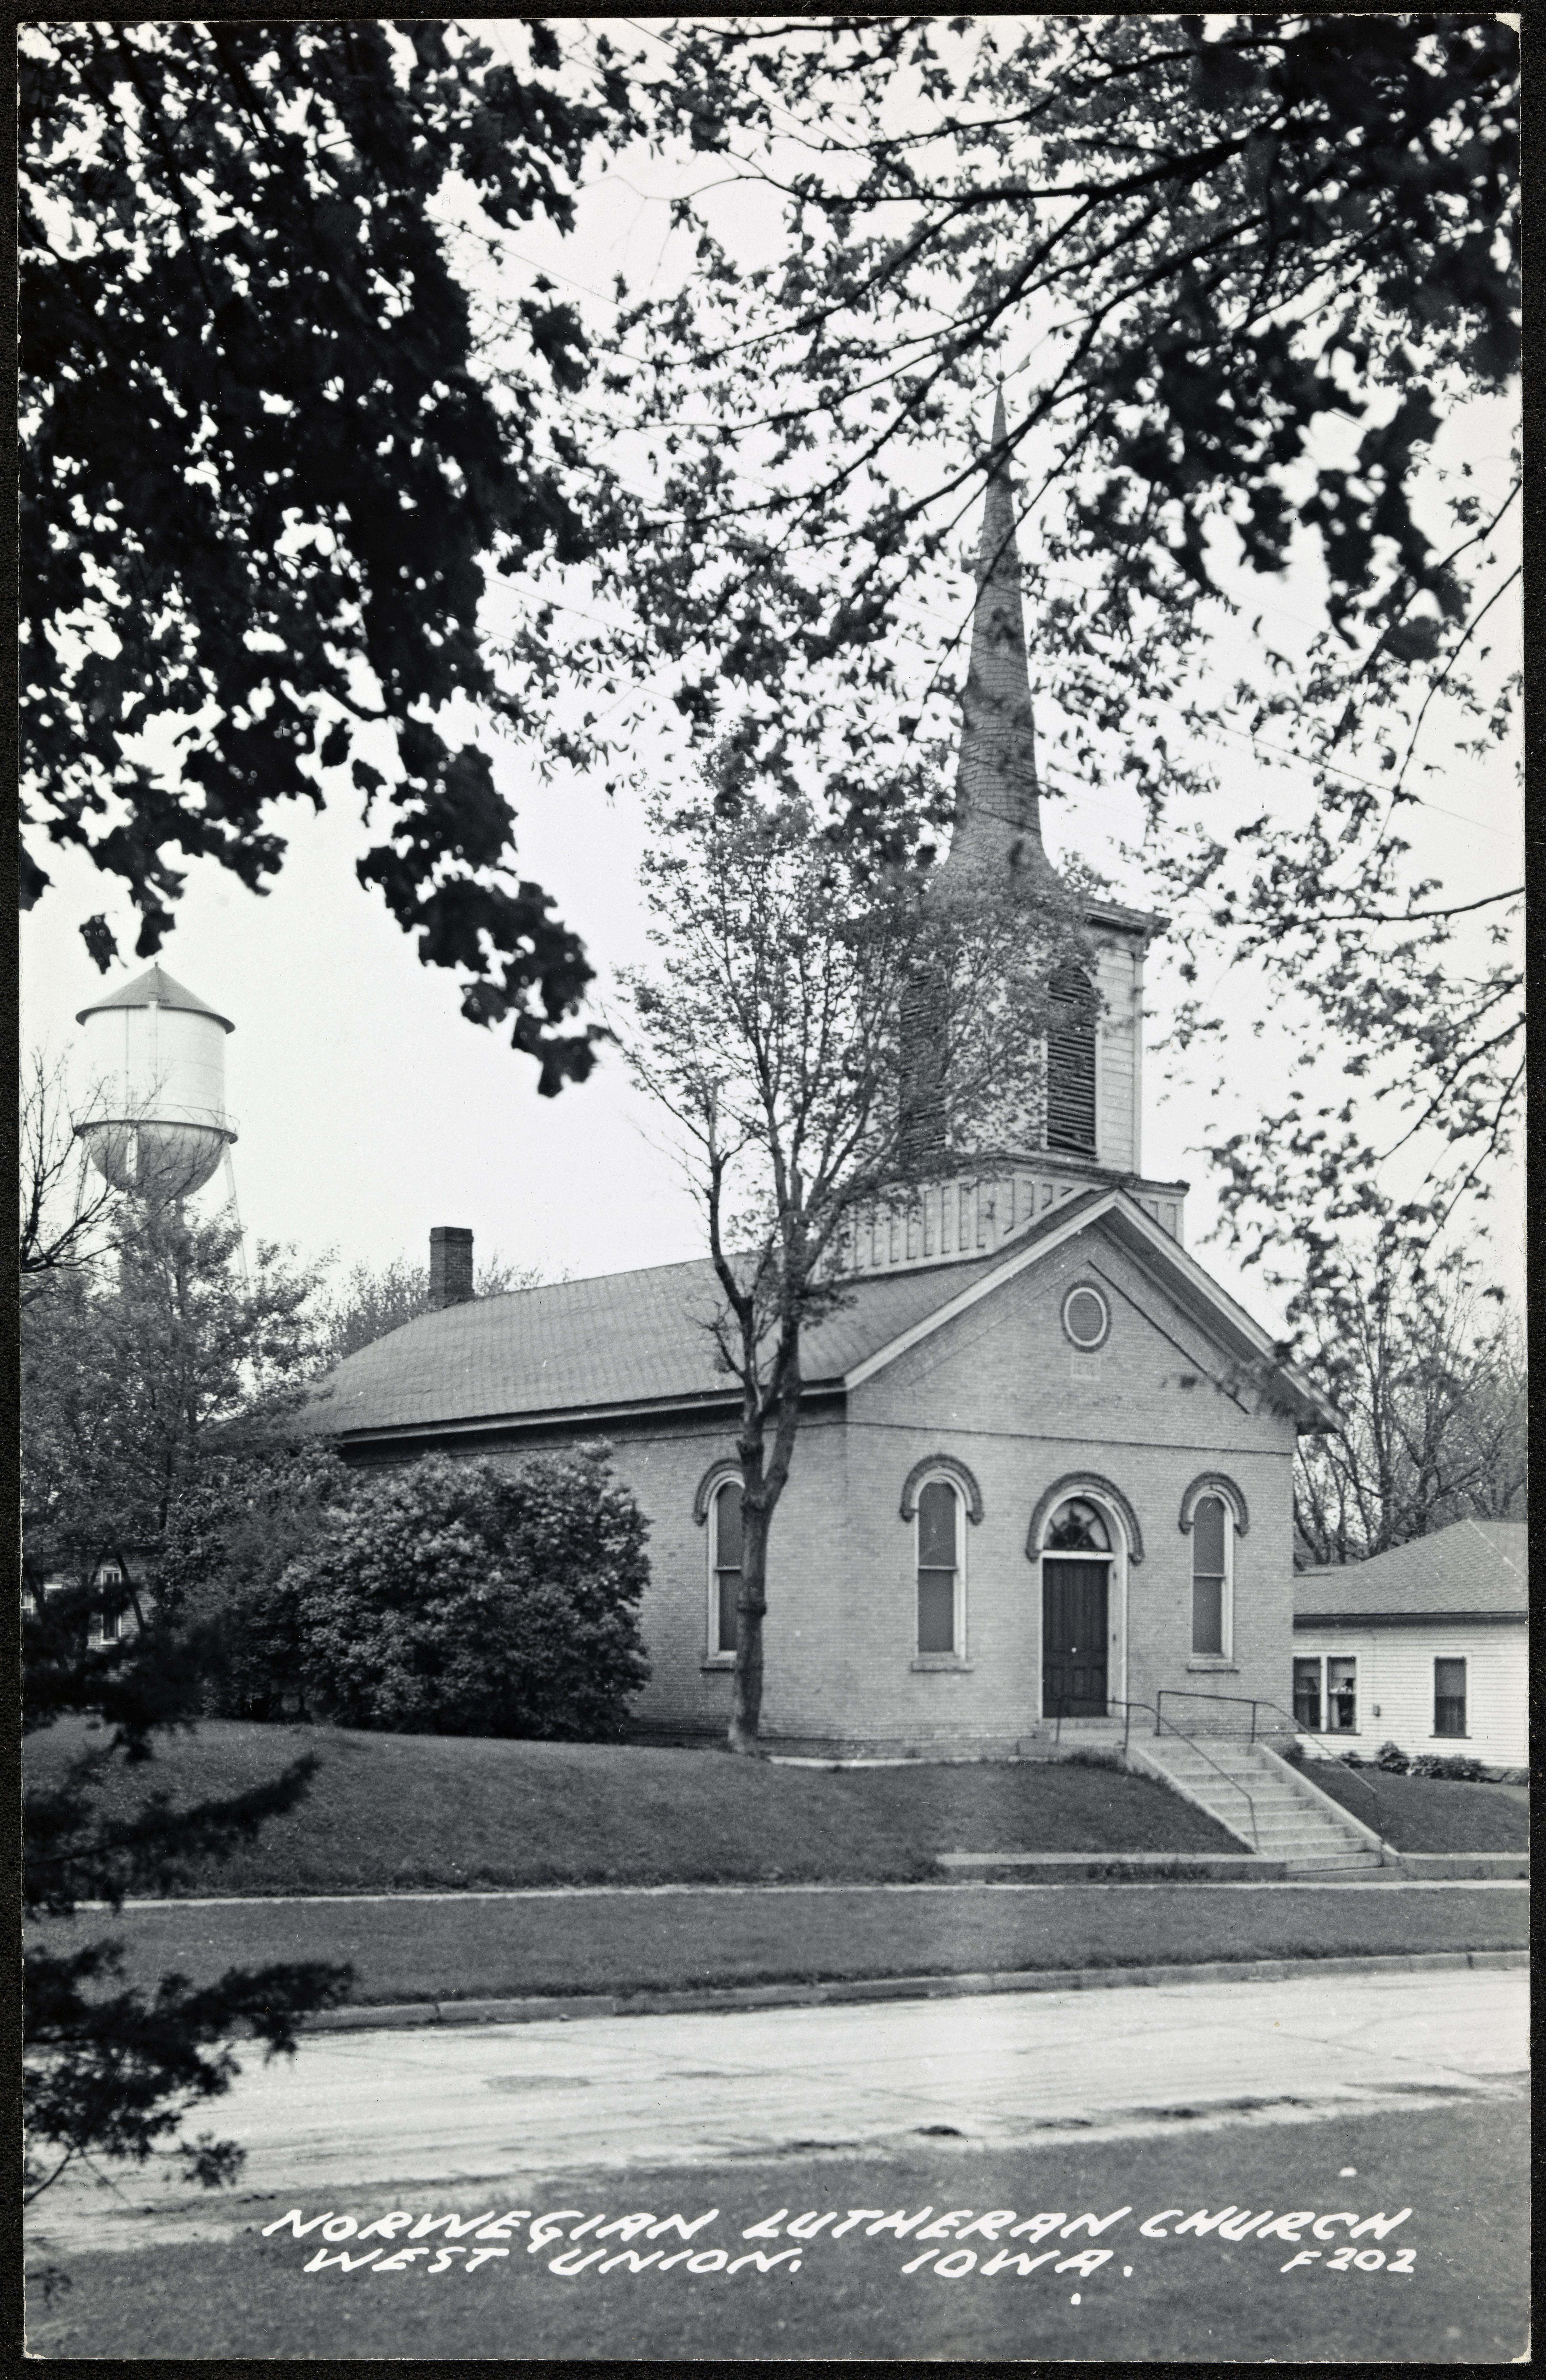 West Union Iowa >> File Norwegian Lutheran Church West Union Iowa